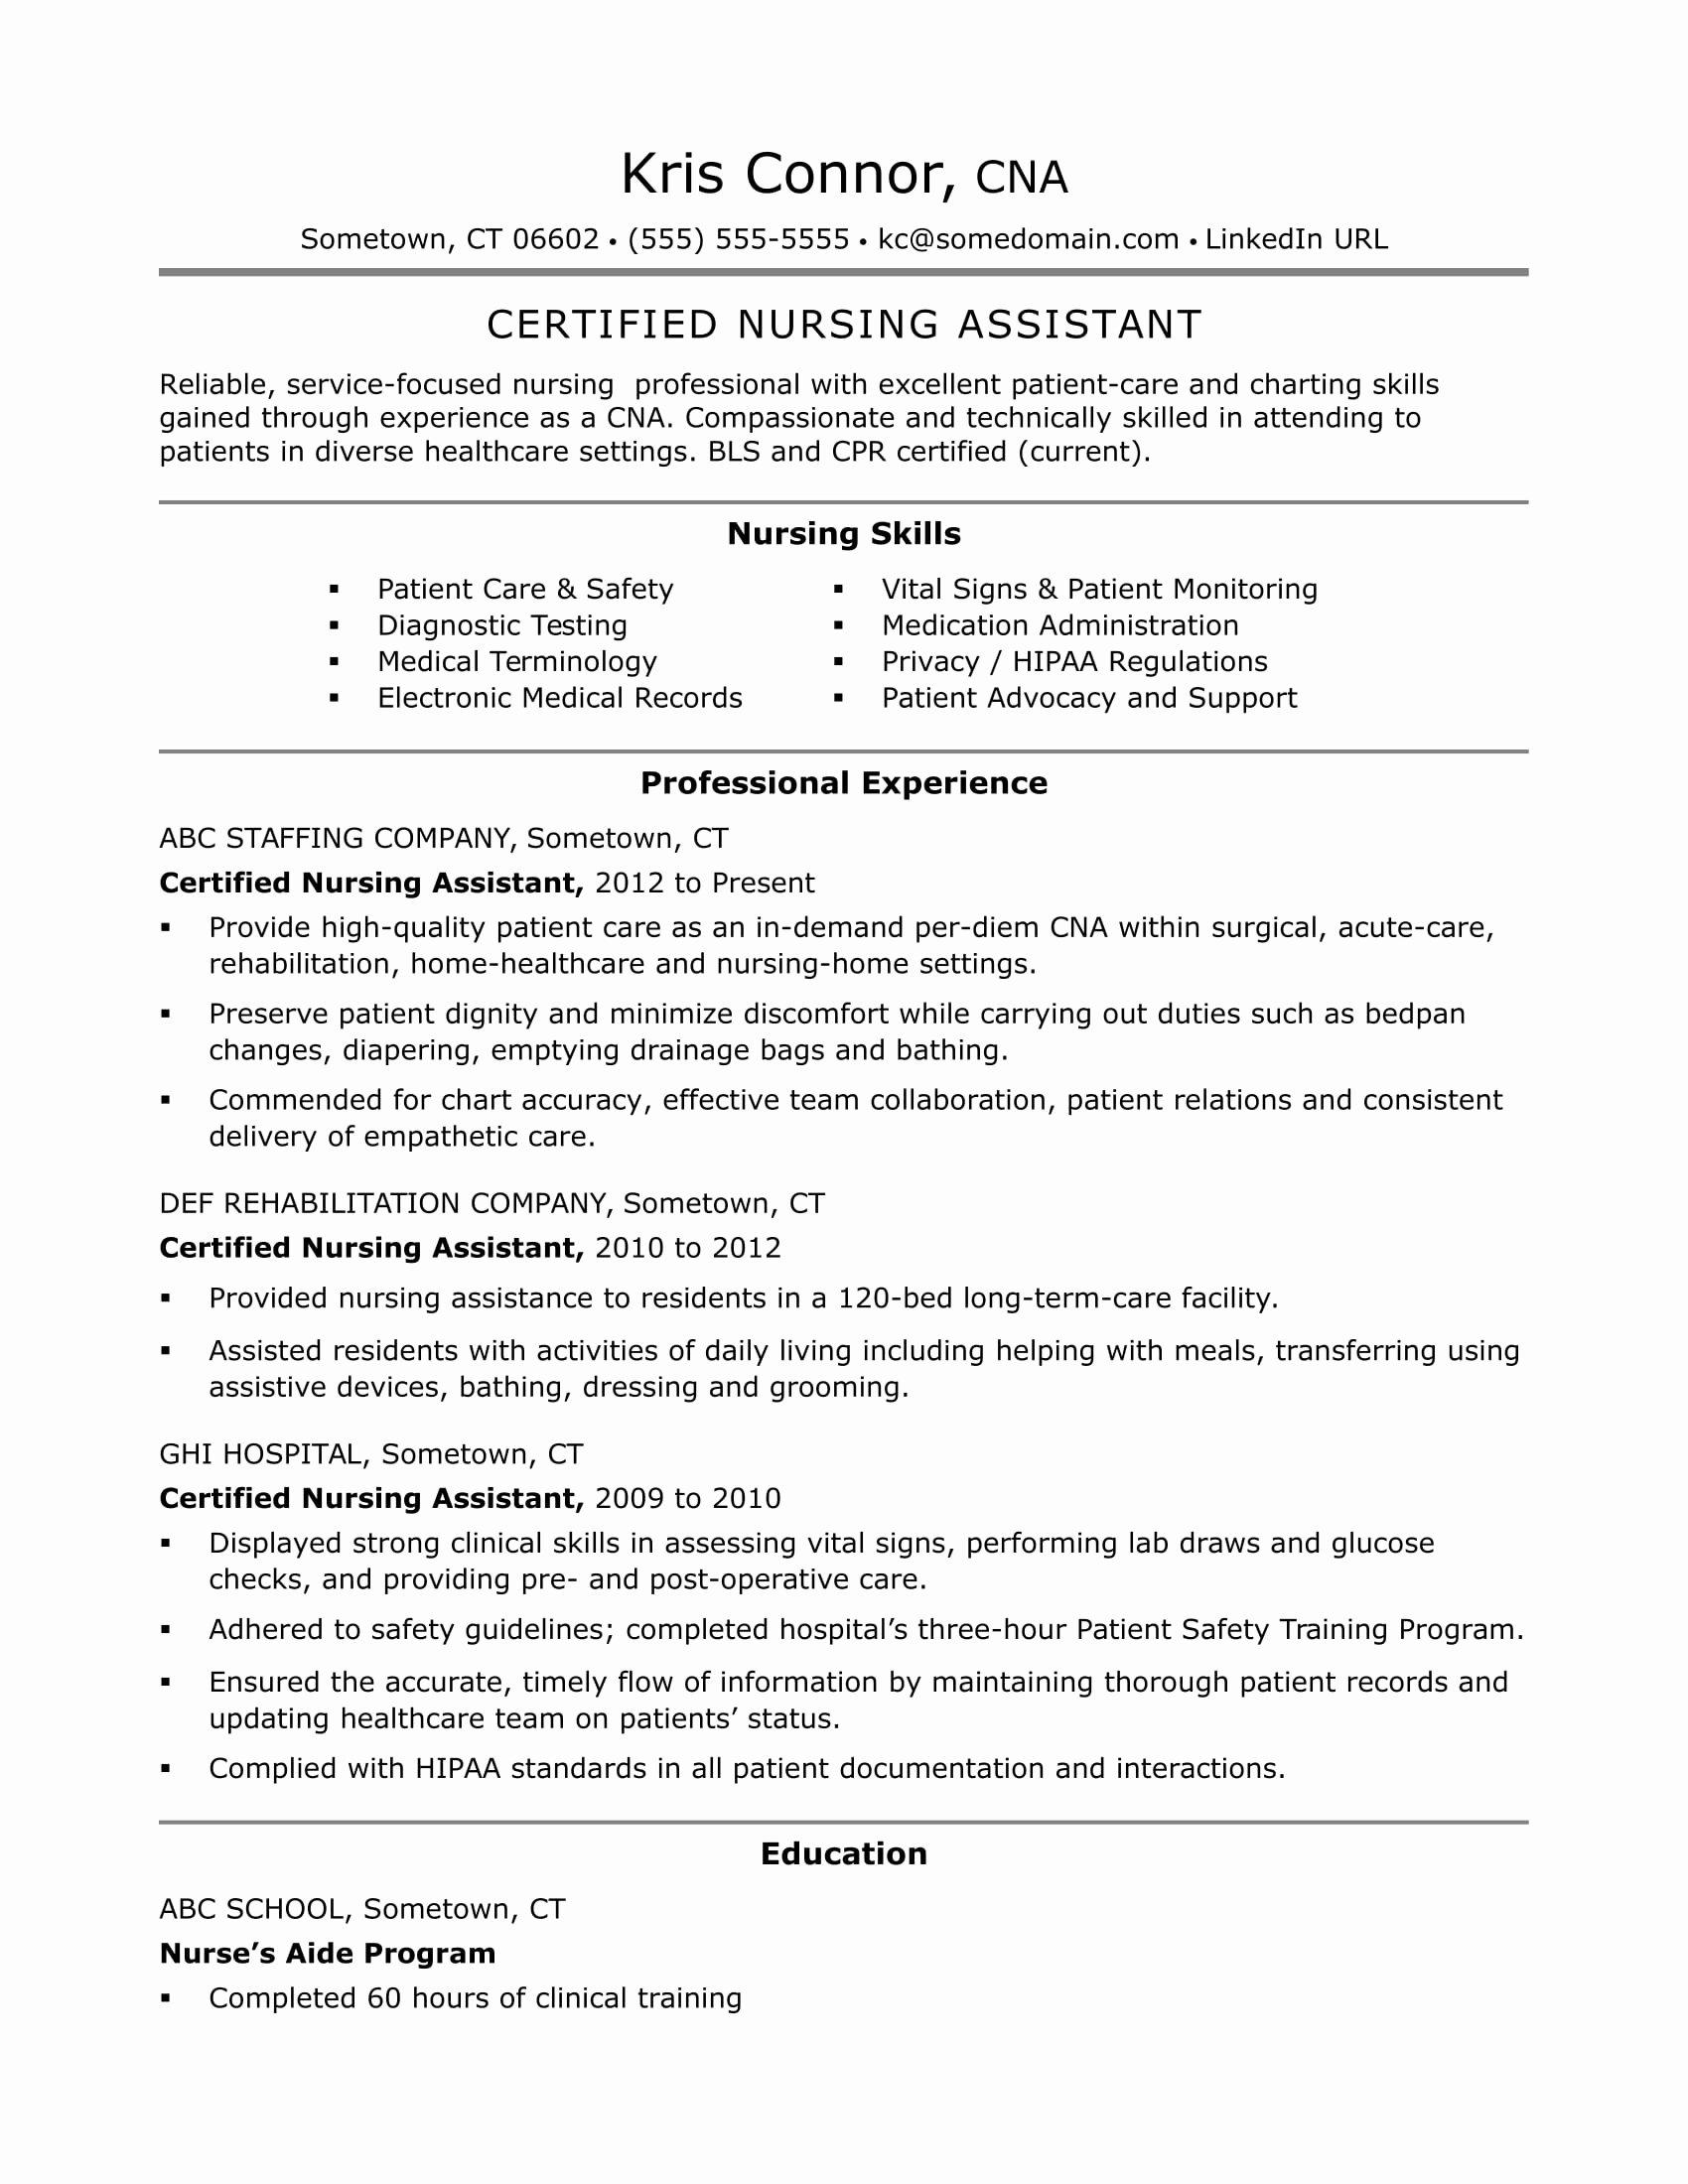 Cna Resume Examples Skills for Cnas